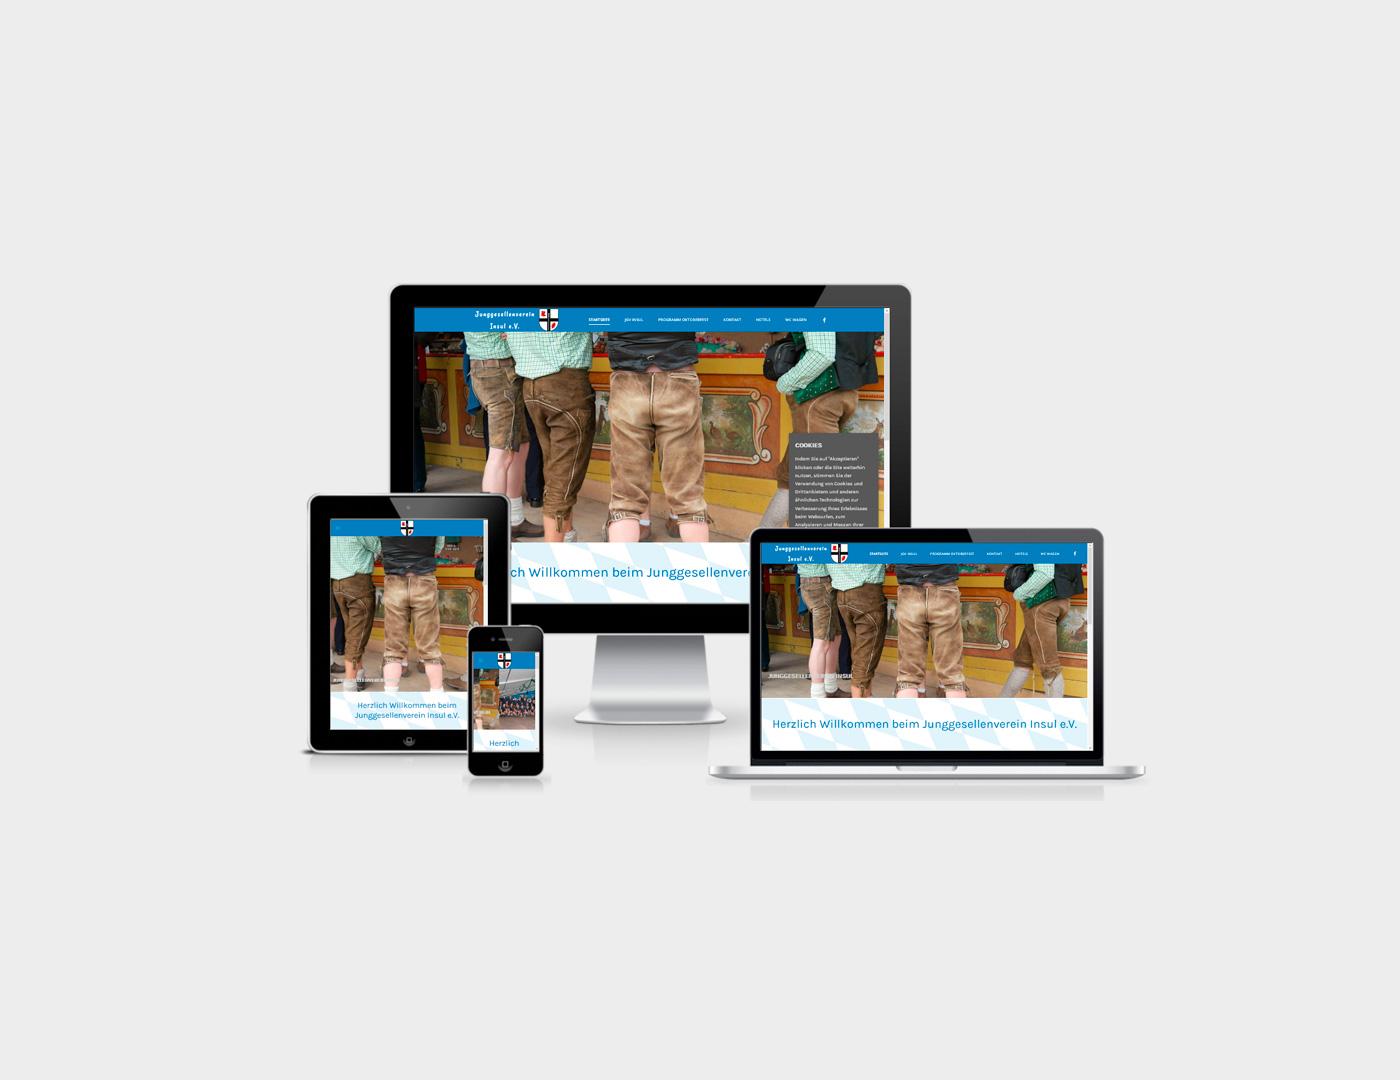 Webdesign Eifel erstellte Webseite fuer Junggesellenverein in Insul in der Eifel